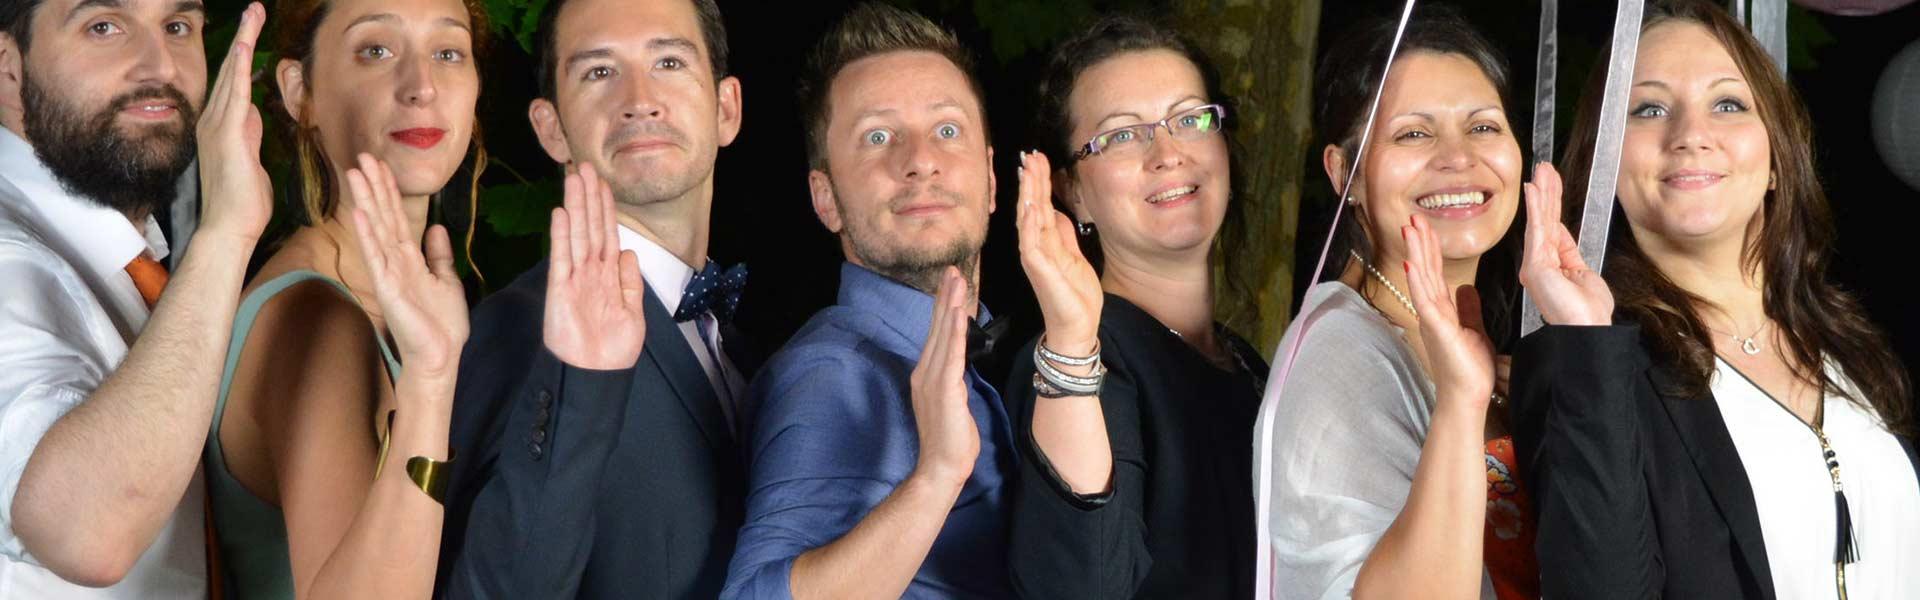 Photo prise par une borne photo d'un groupe de personne faisant un signe de la main